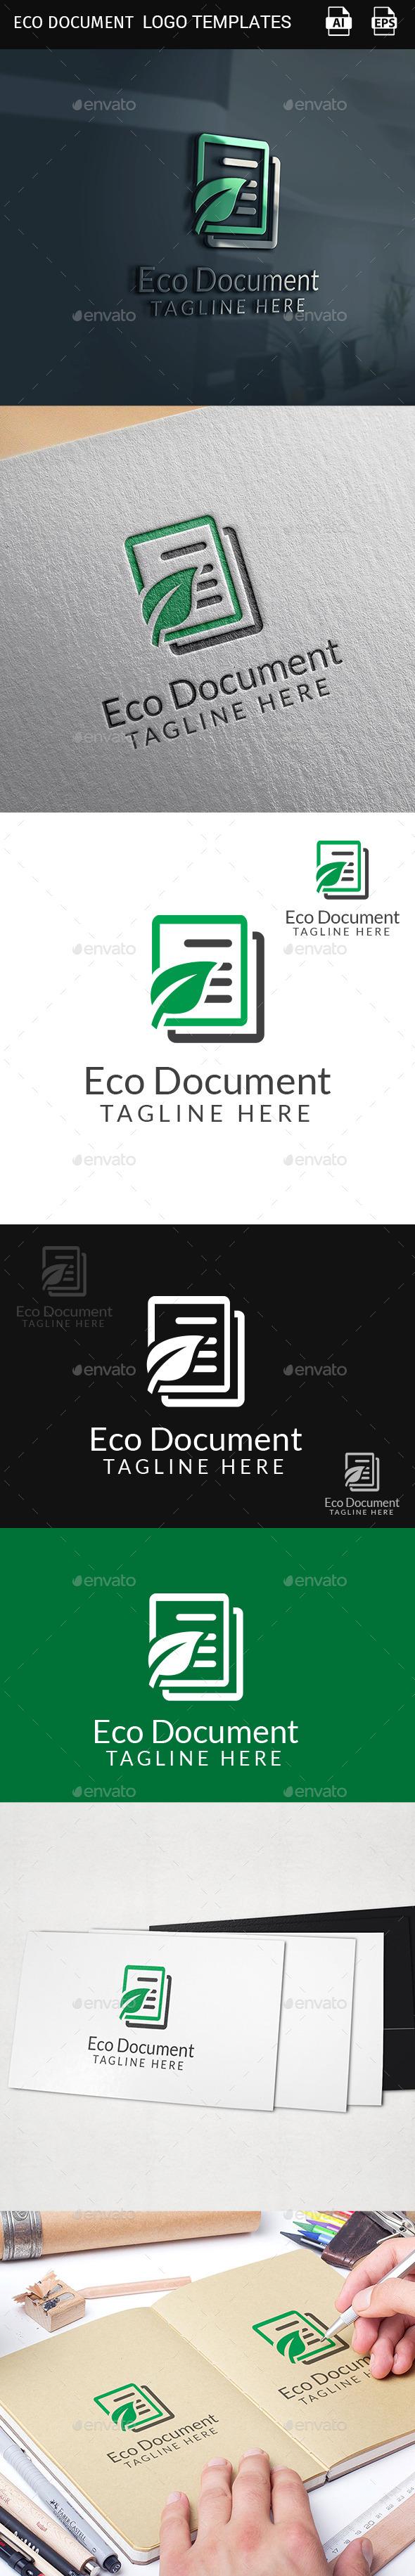 GraphicRiver Eco Document logo template 11387032